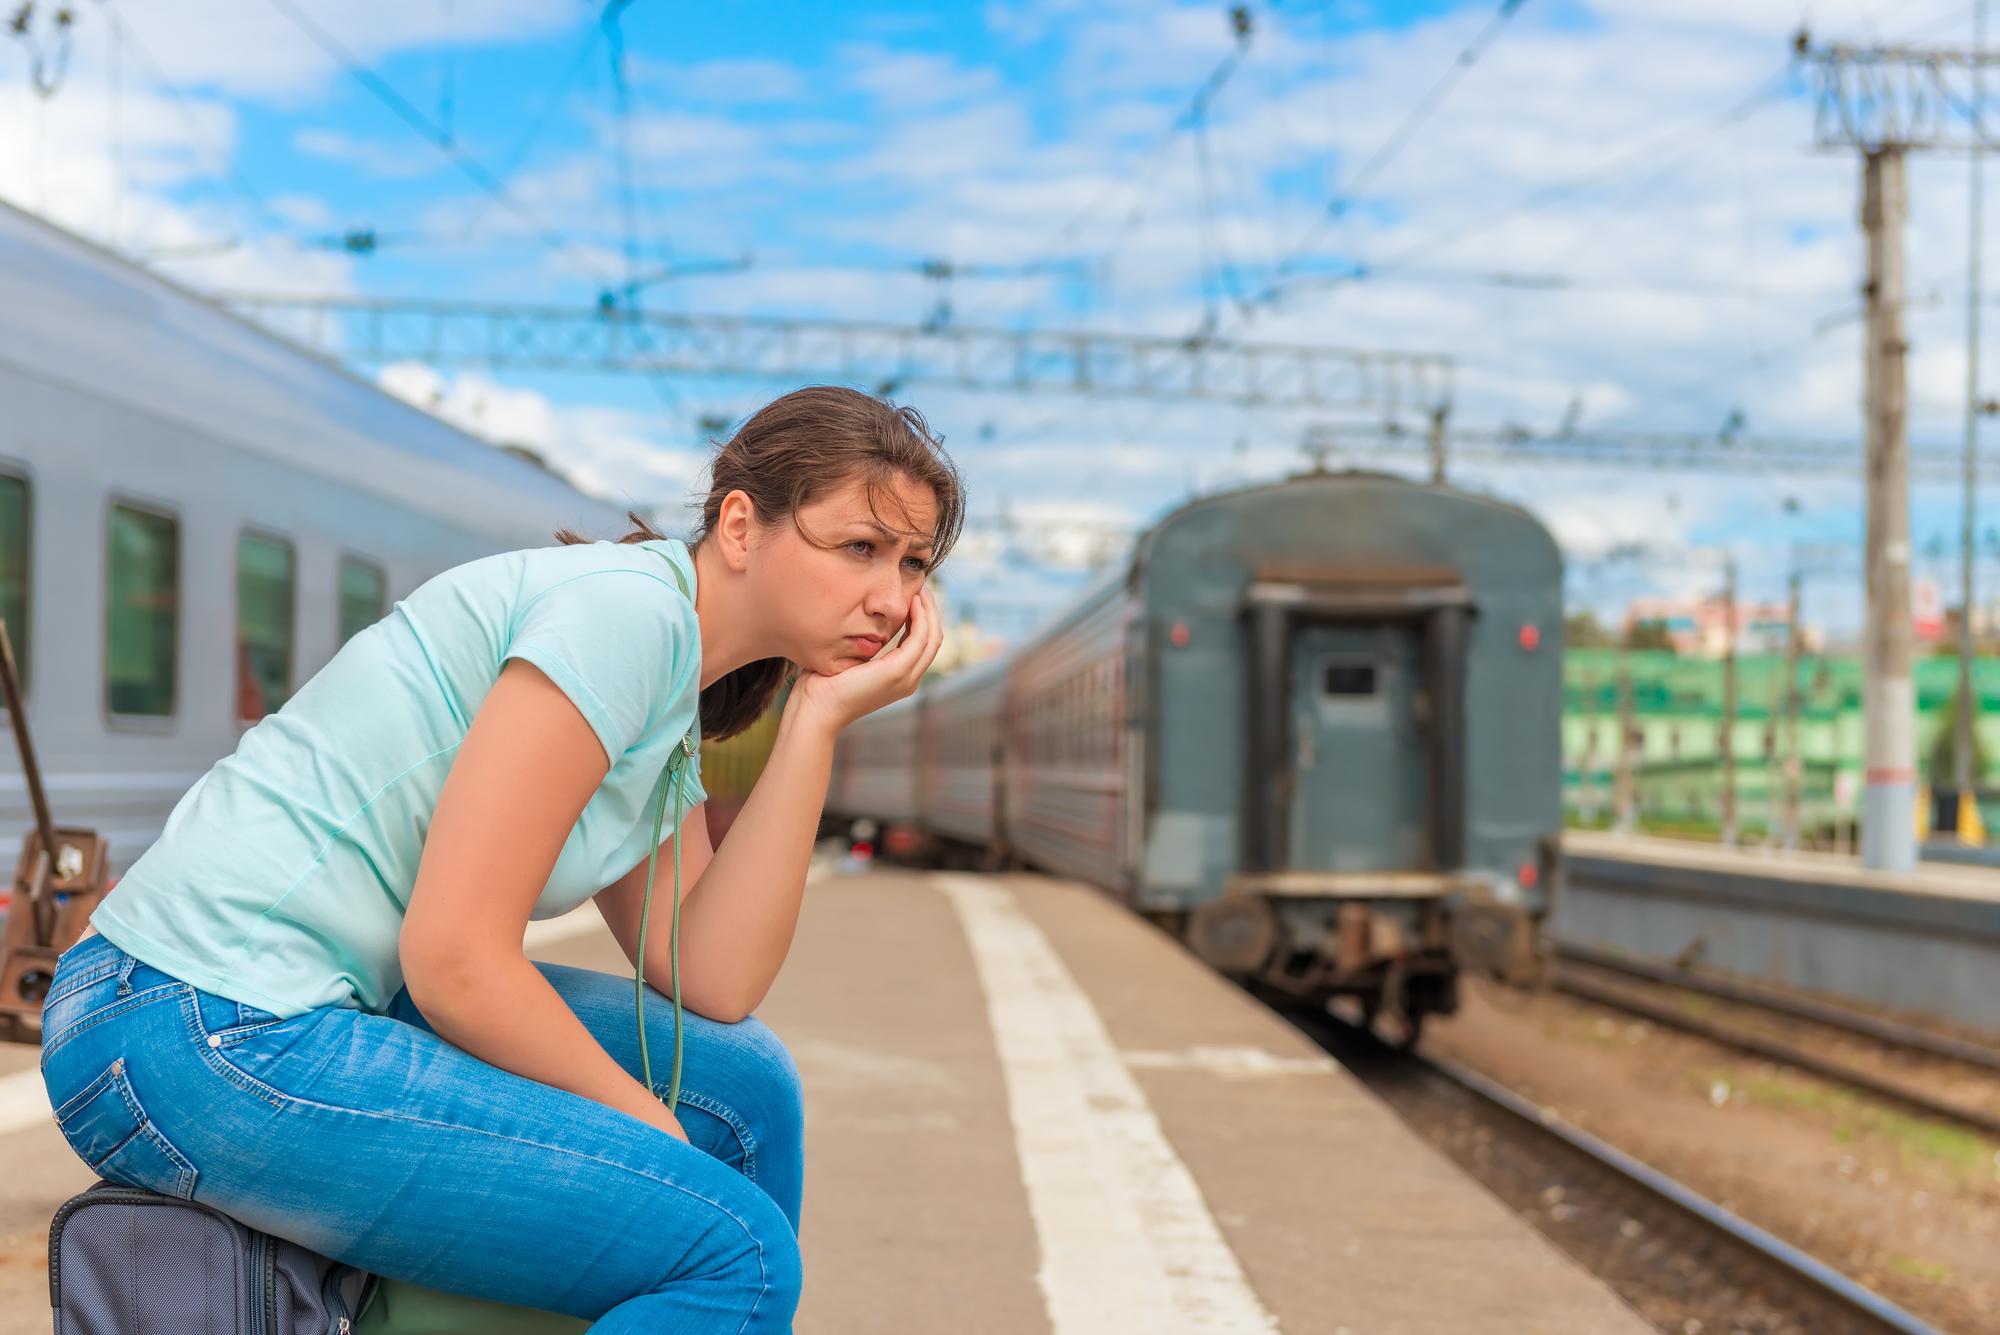 Сонник опоздать на поезд во сне к чему снится опоздать на поезд